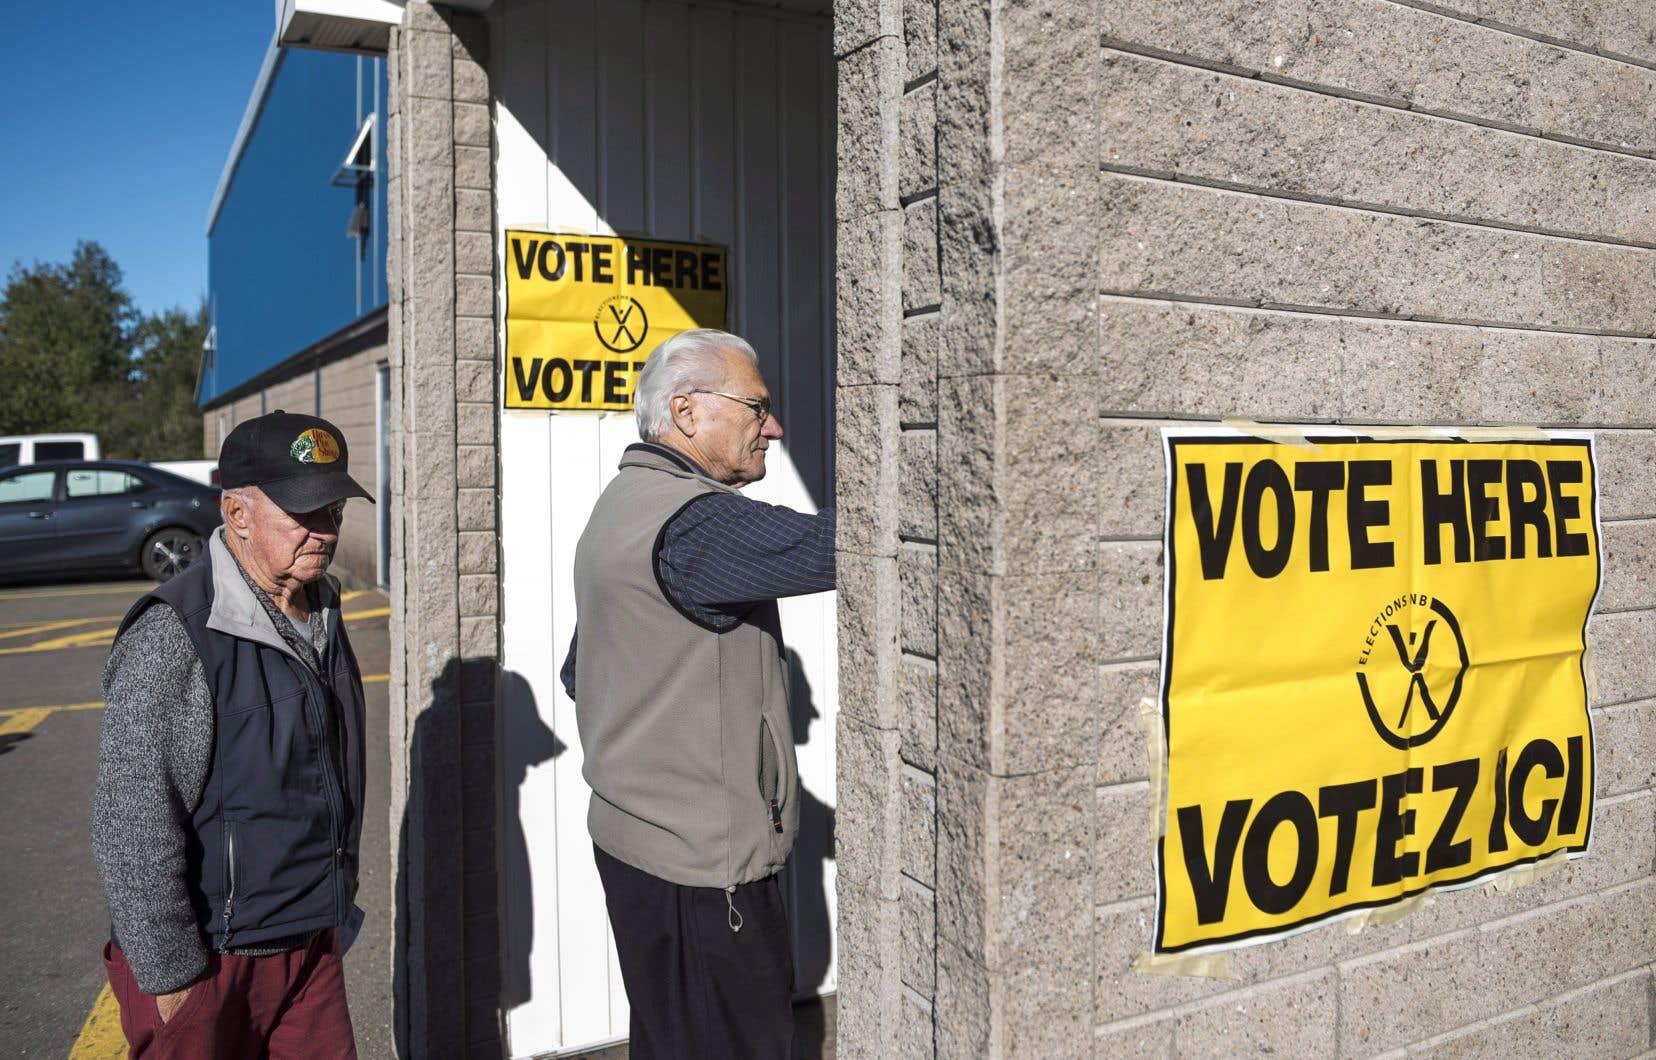 Les élections au Nouveau-Brunswick ont eu lieu le 24 septembre dernier.